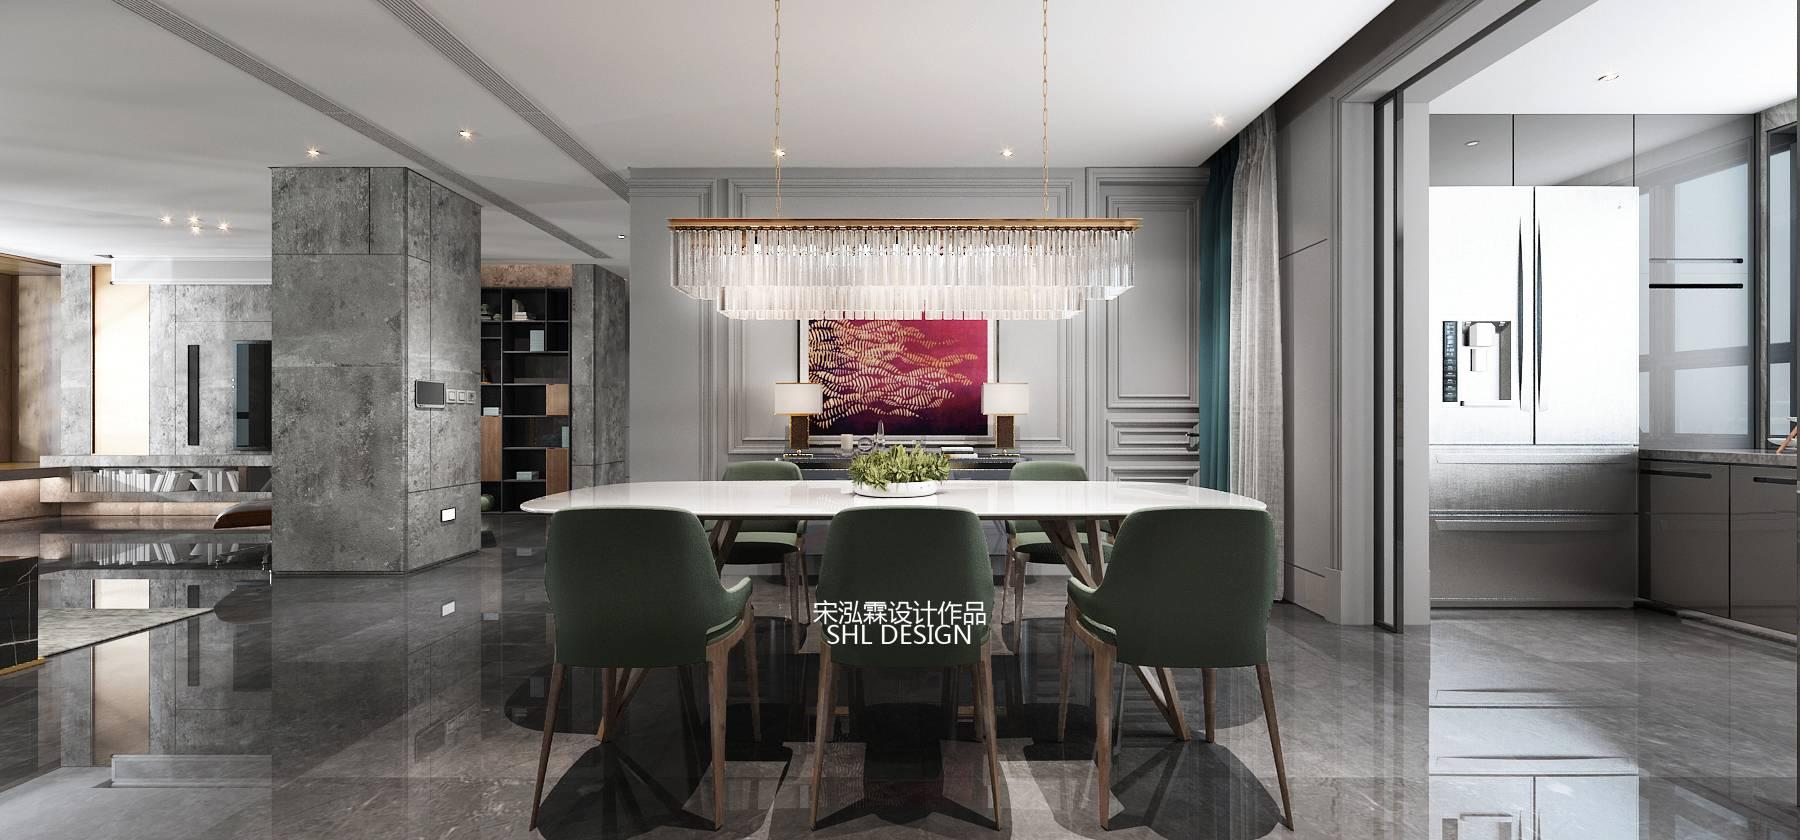 现代风格在设计进步的过程中始终扮演着至关重要的角色,现代轻奢融入了更多奢侈品牌家居等大牌家居呈现更为直接的感官享受。